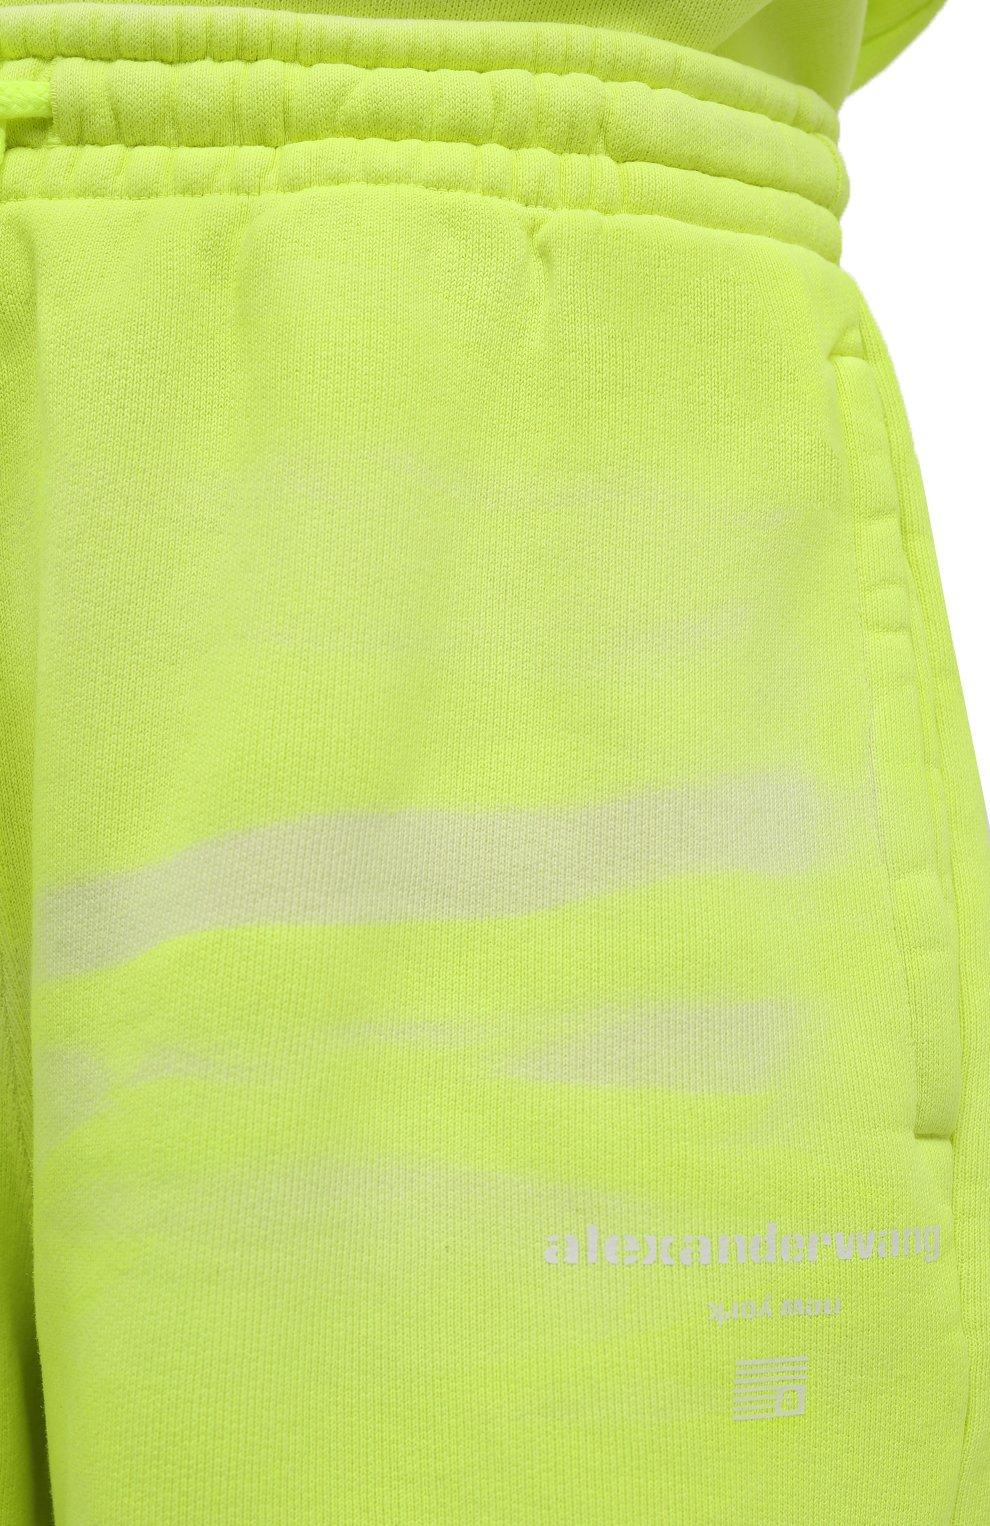 Женские хлопковые шорты ALEXANDER WANG светло-зеленого цвета, арт. UCC3214017 | Фото 5 (Женское Кросс-КТ: Шорты-одежда; Длина Ж (юбки, платья, шорты): Мини; Материал внешний: Хлопок; Стили: Спорт-шик)